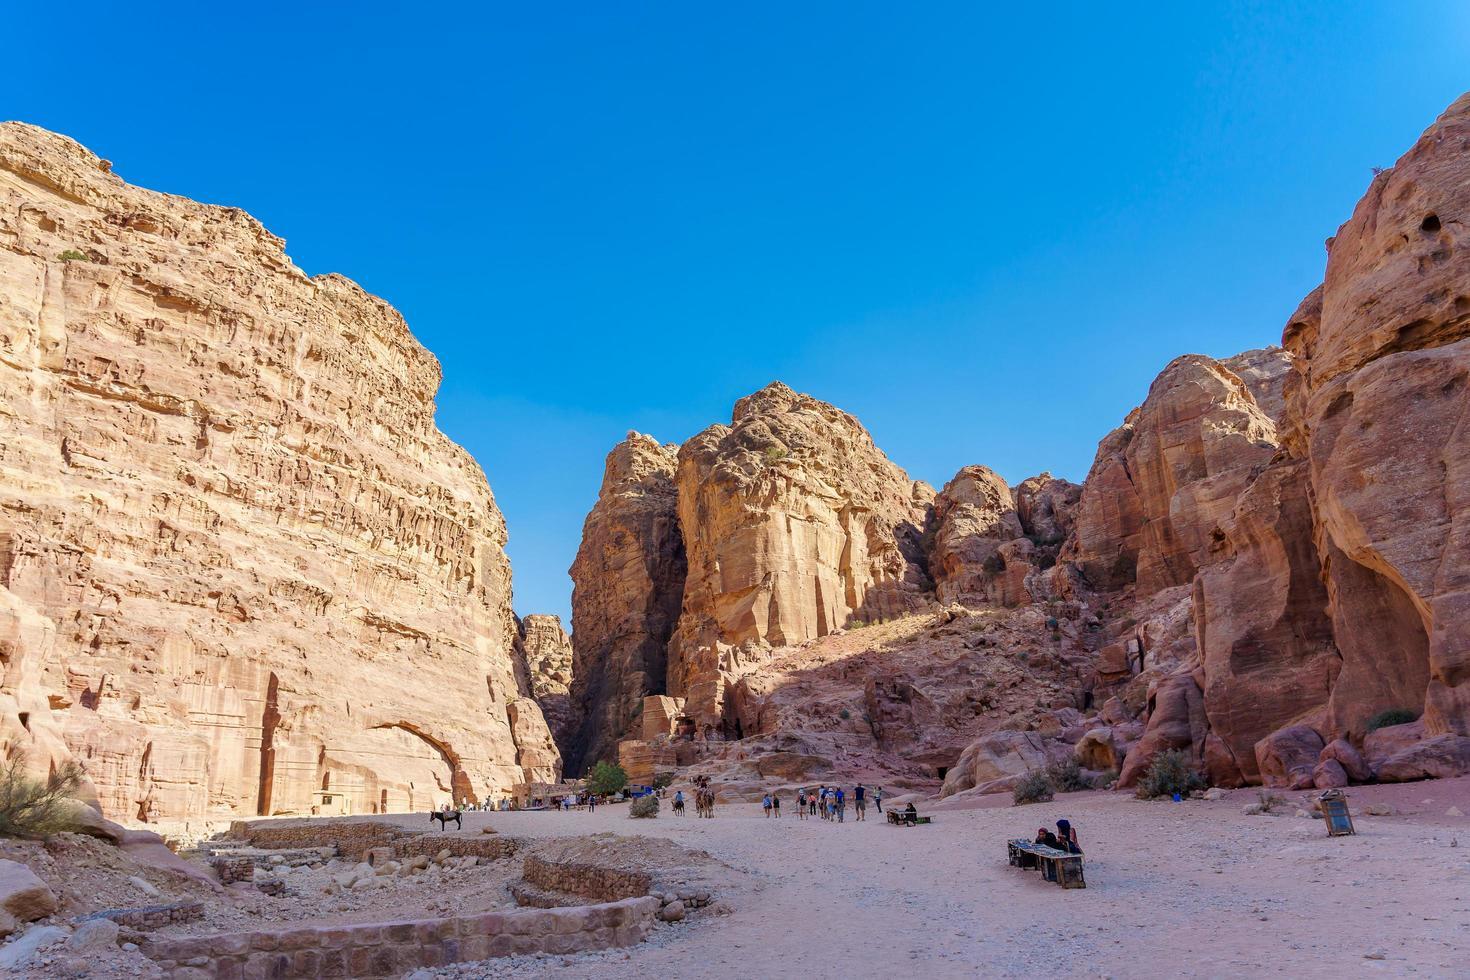 Les touristes dans l'étroit passage des rochers du canyon de Petra en Jordanie photo